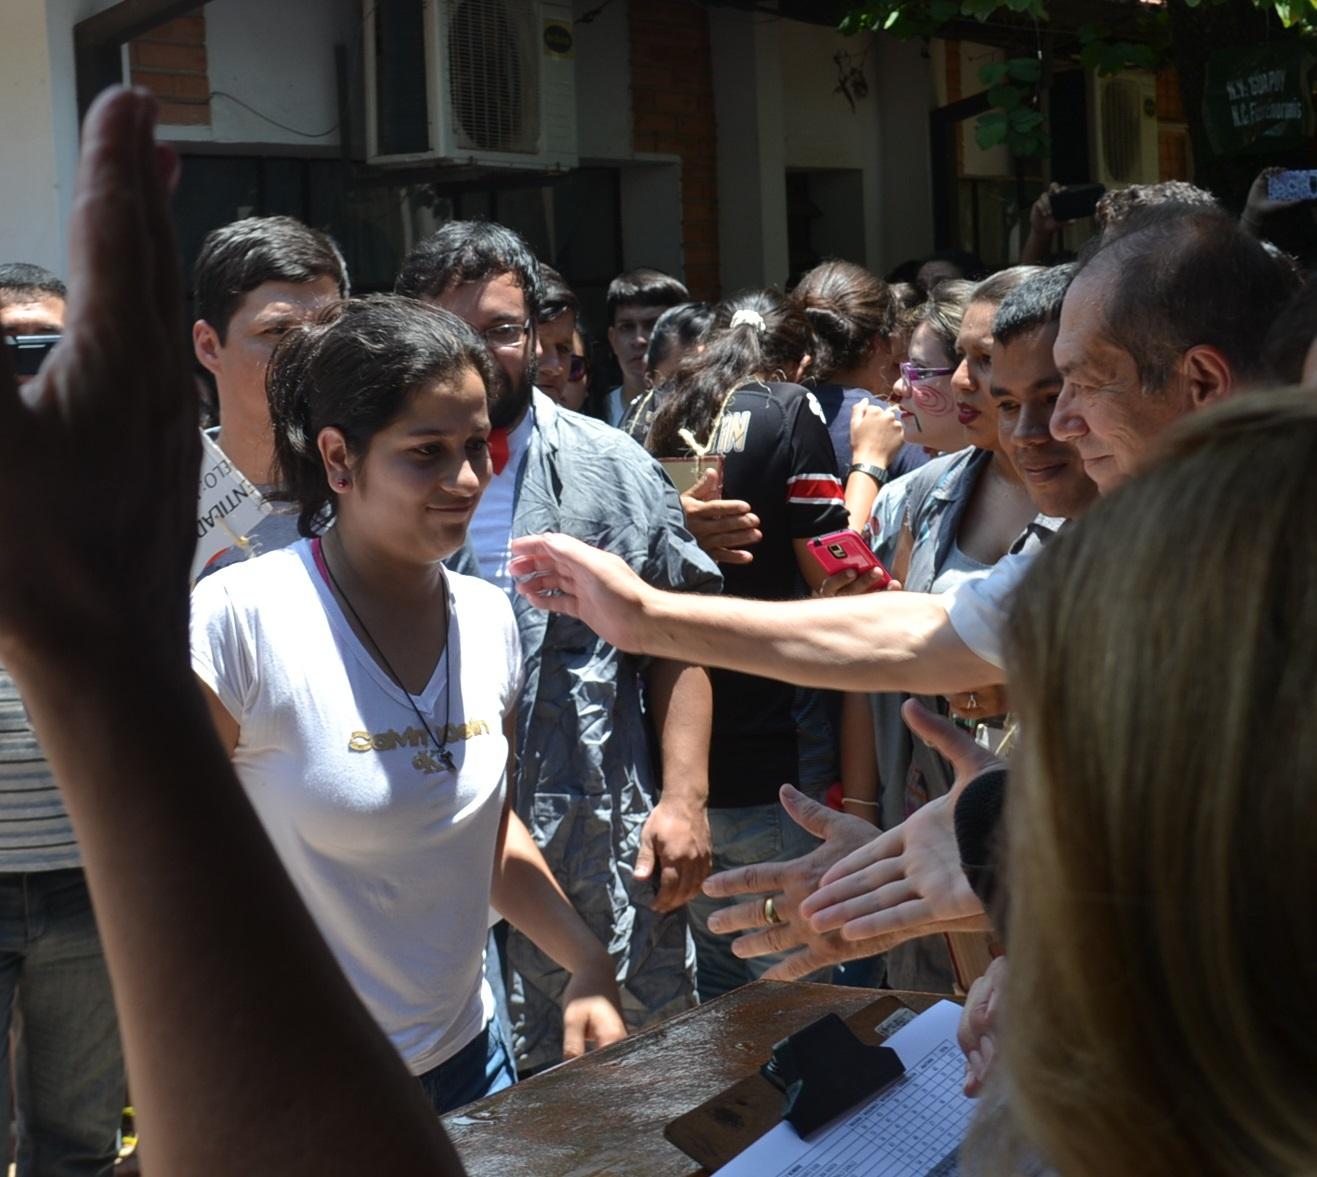 Resultado de imagen para Concepción: Jóvenes lista de ingresantes a Medicina